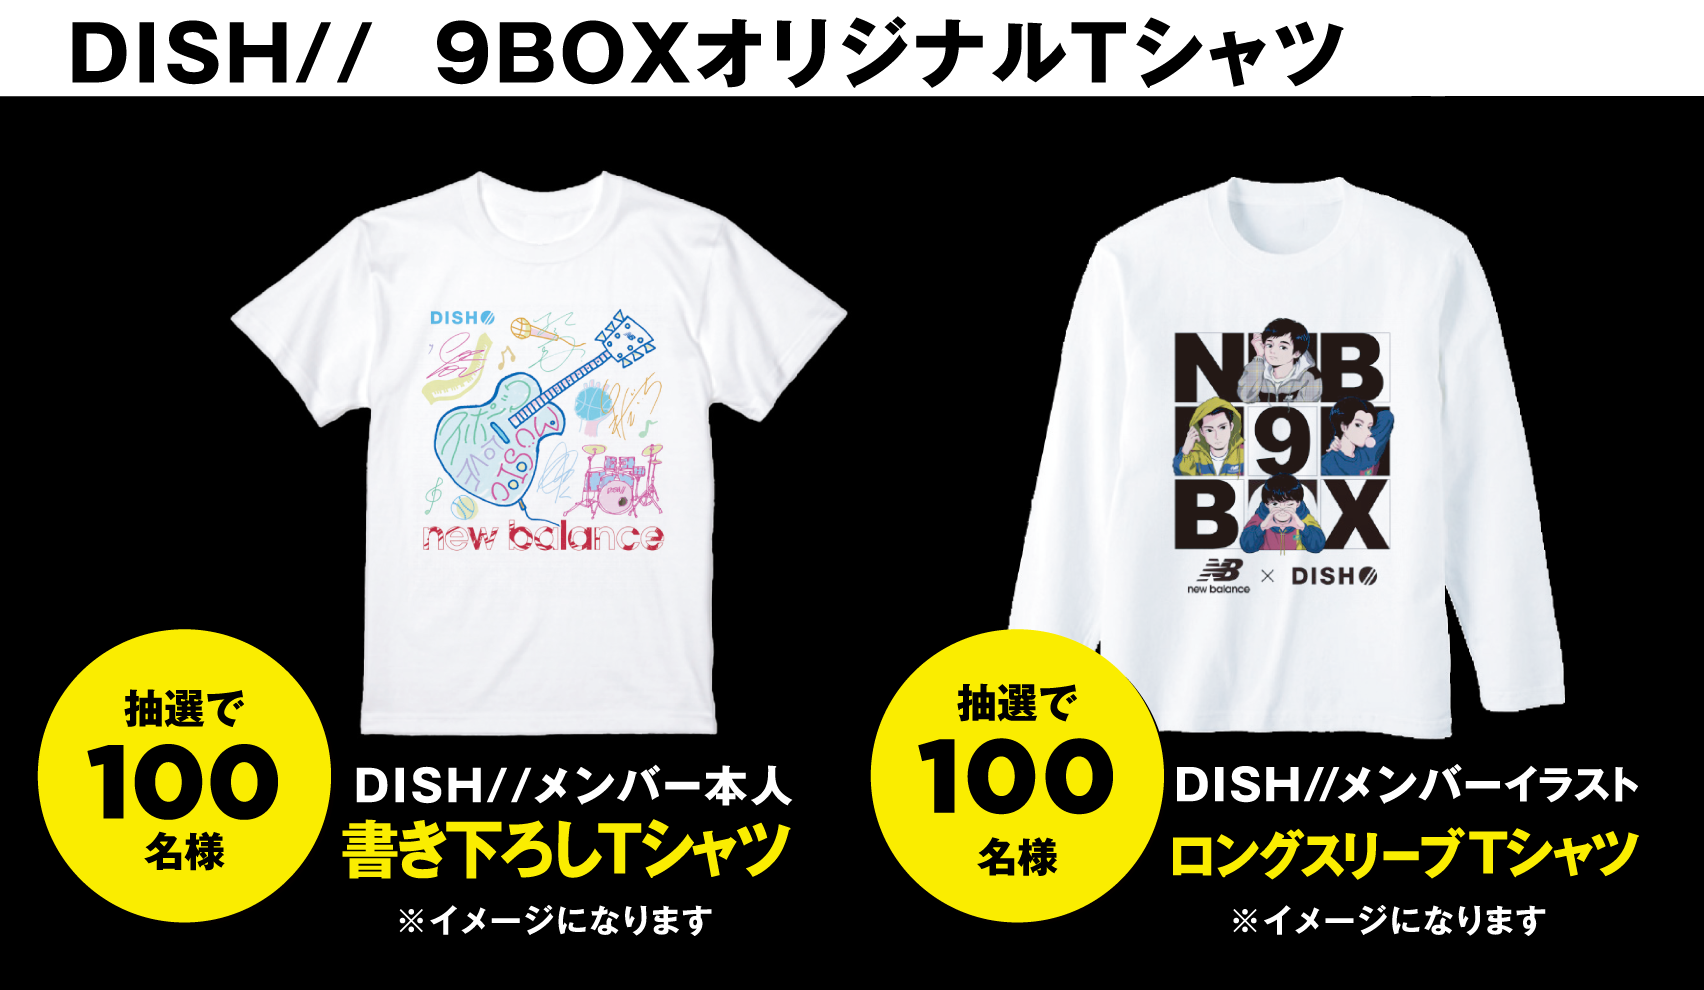 DISH// 9BOXオリジナルTシャツ